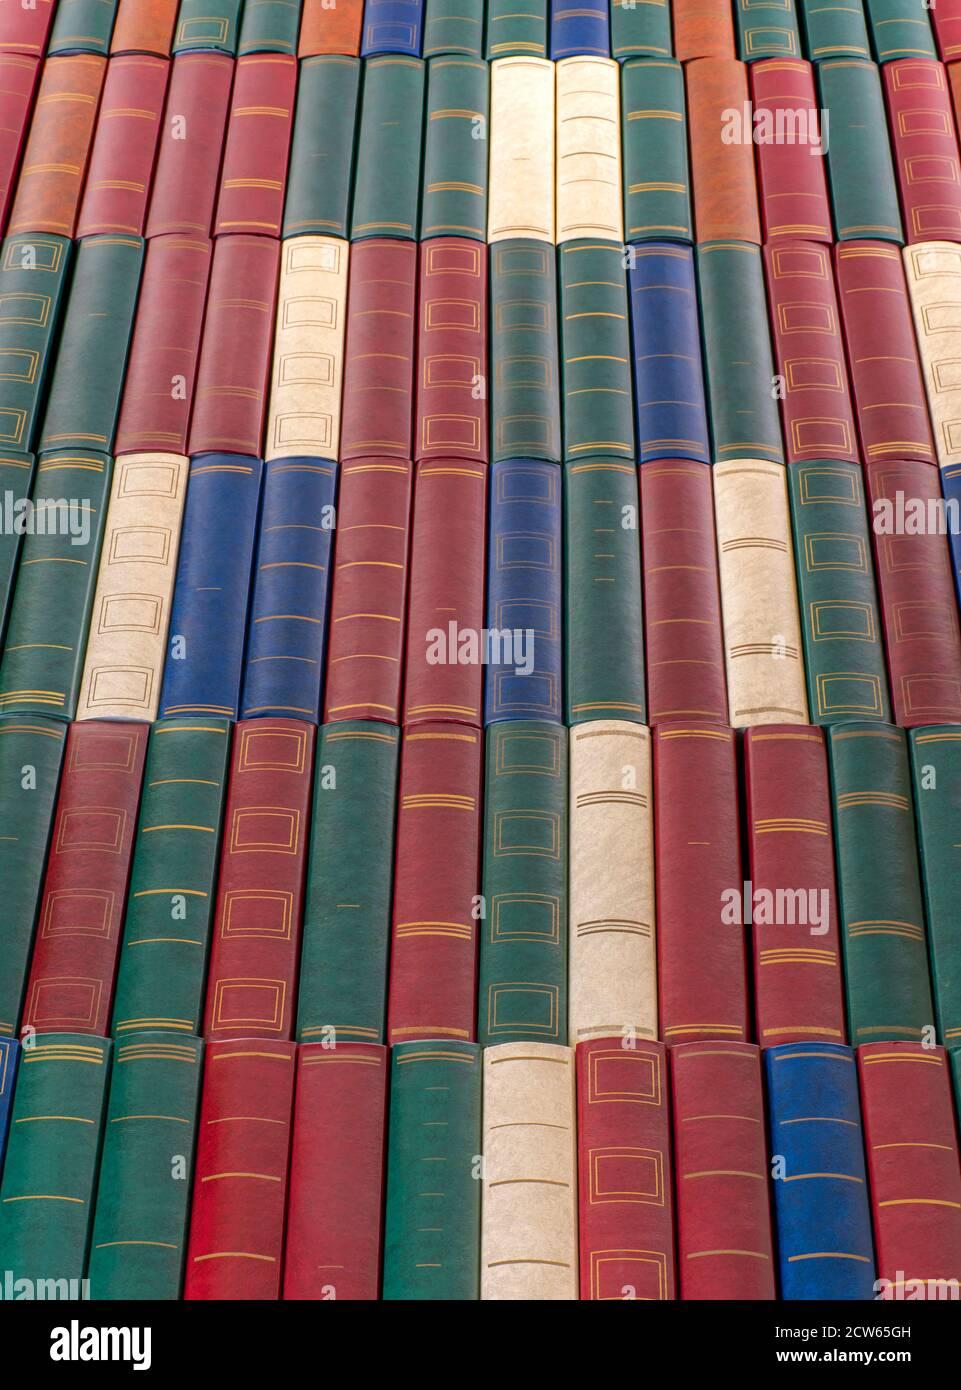 Muchos libros. Concepto de educación y conocimiento. Foto vertical. Foto de stock